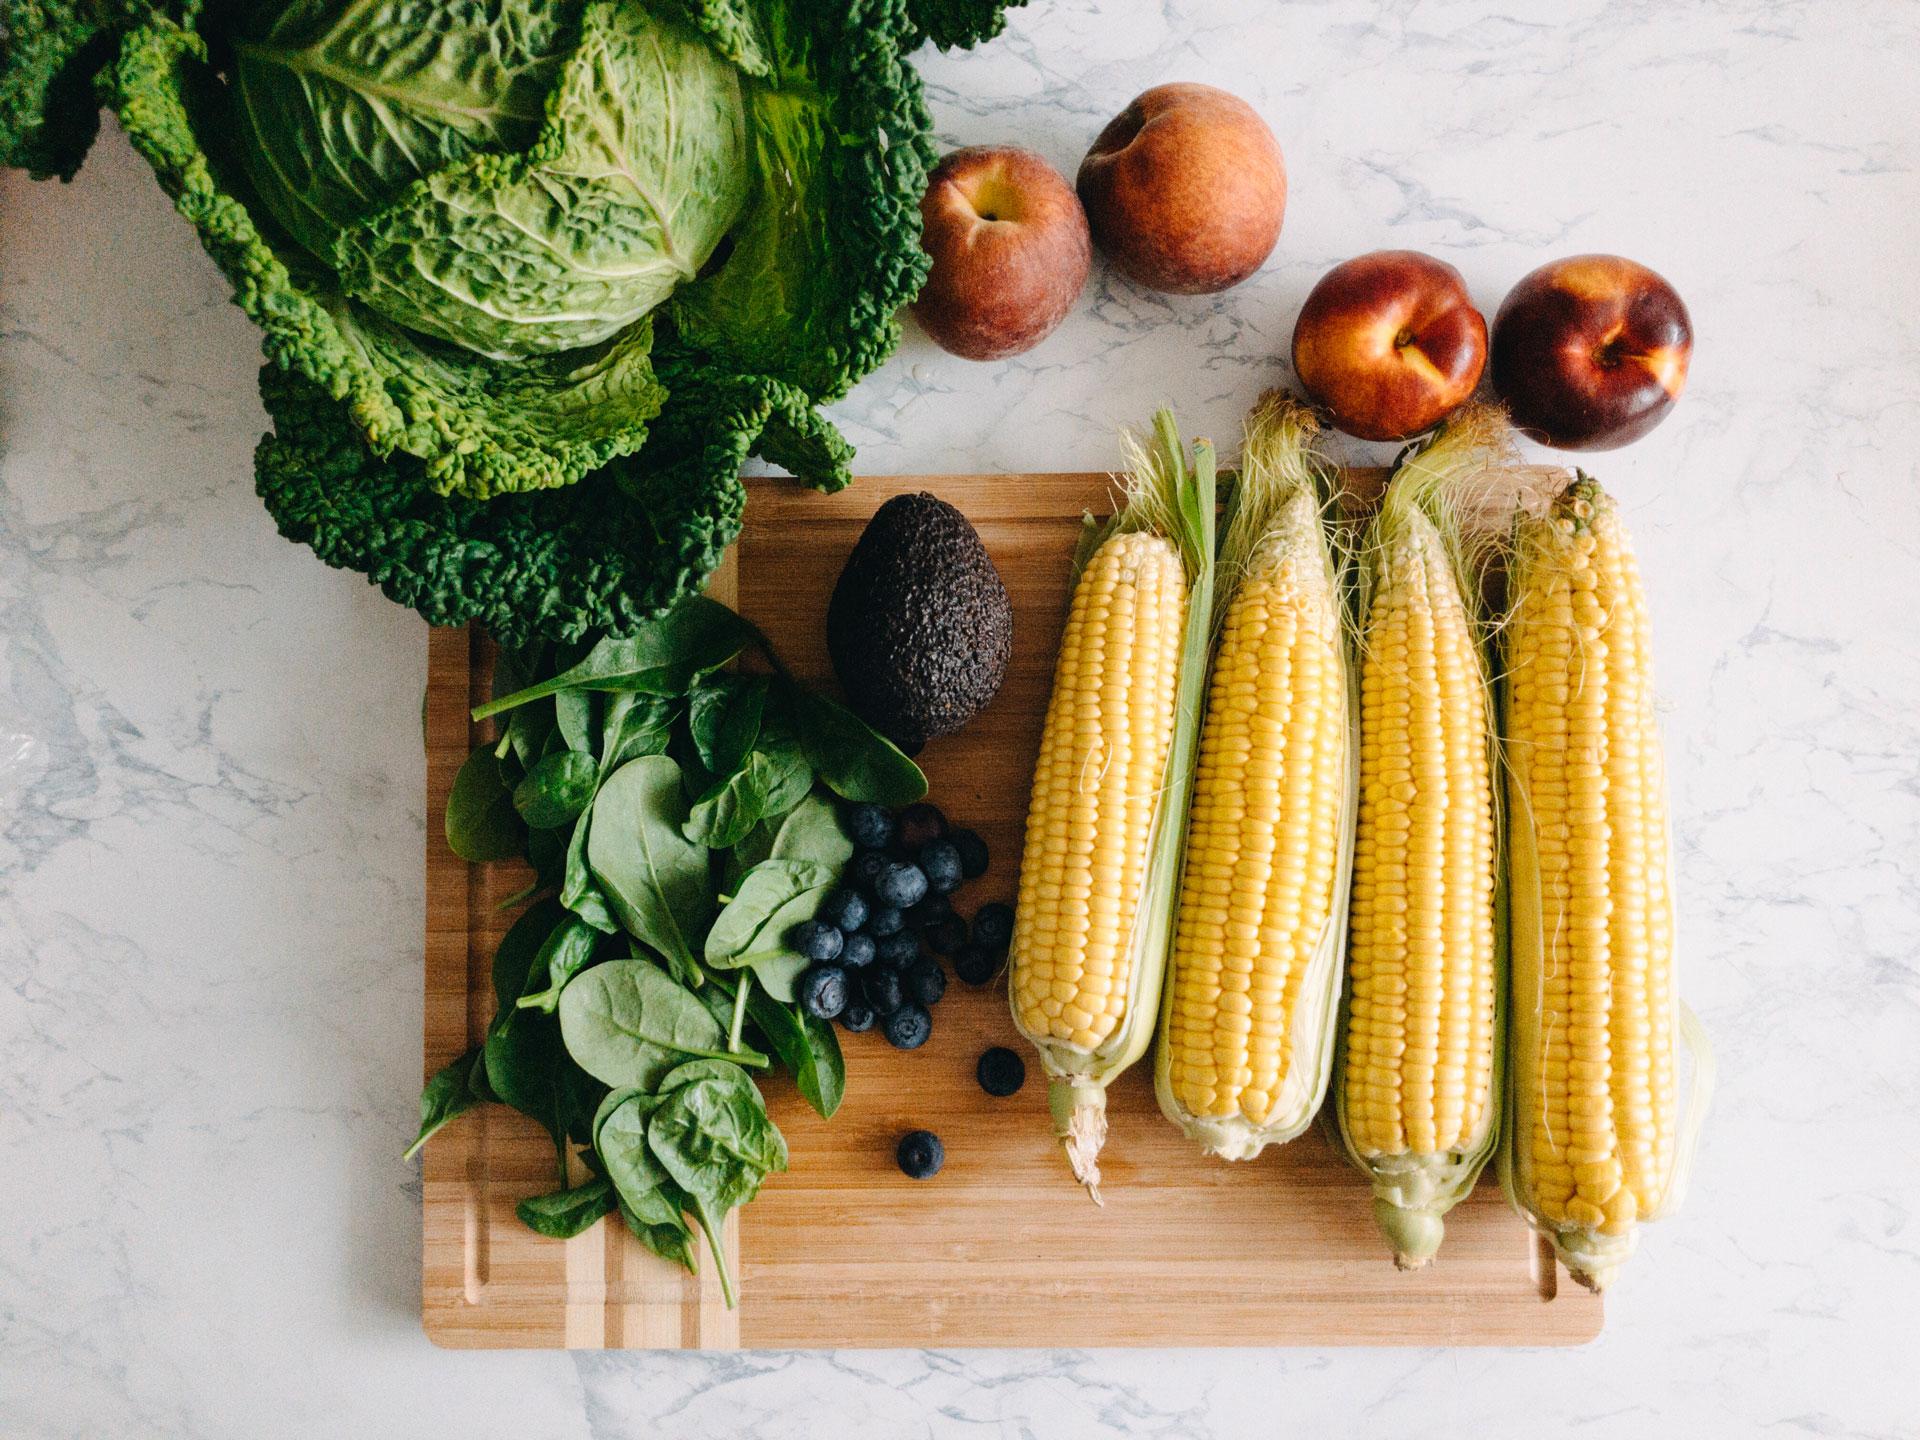 Fresh summer produce on cutting board